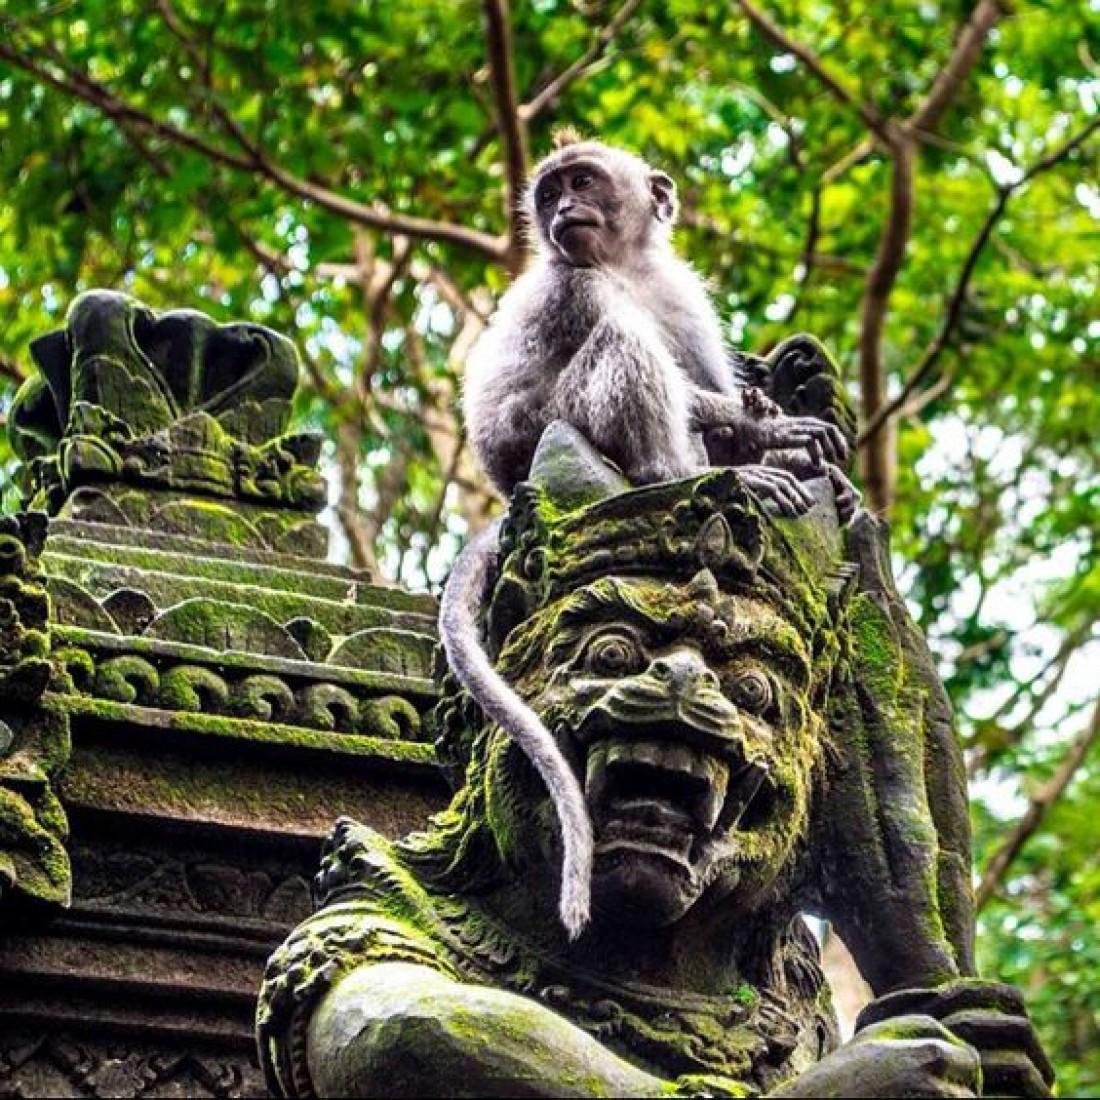 Житель леса обезьян в Убуде